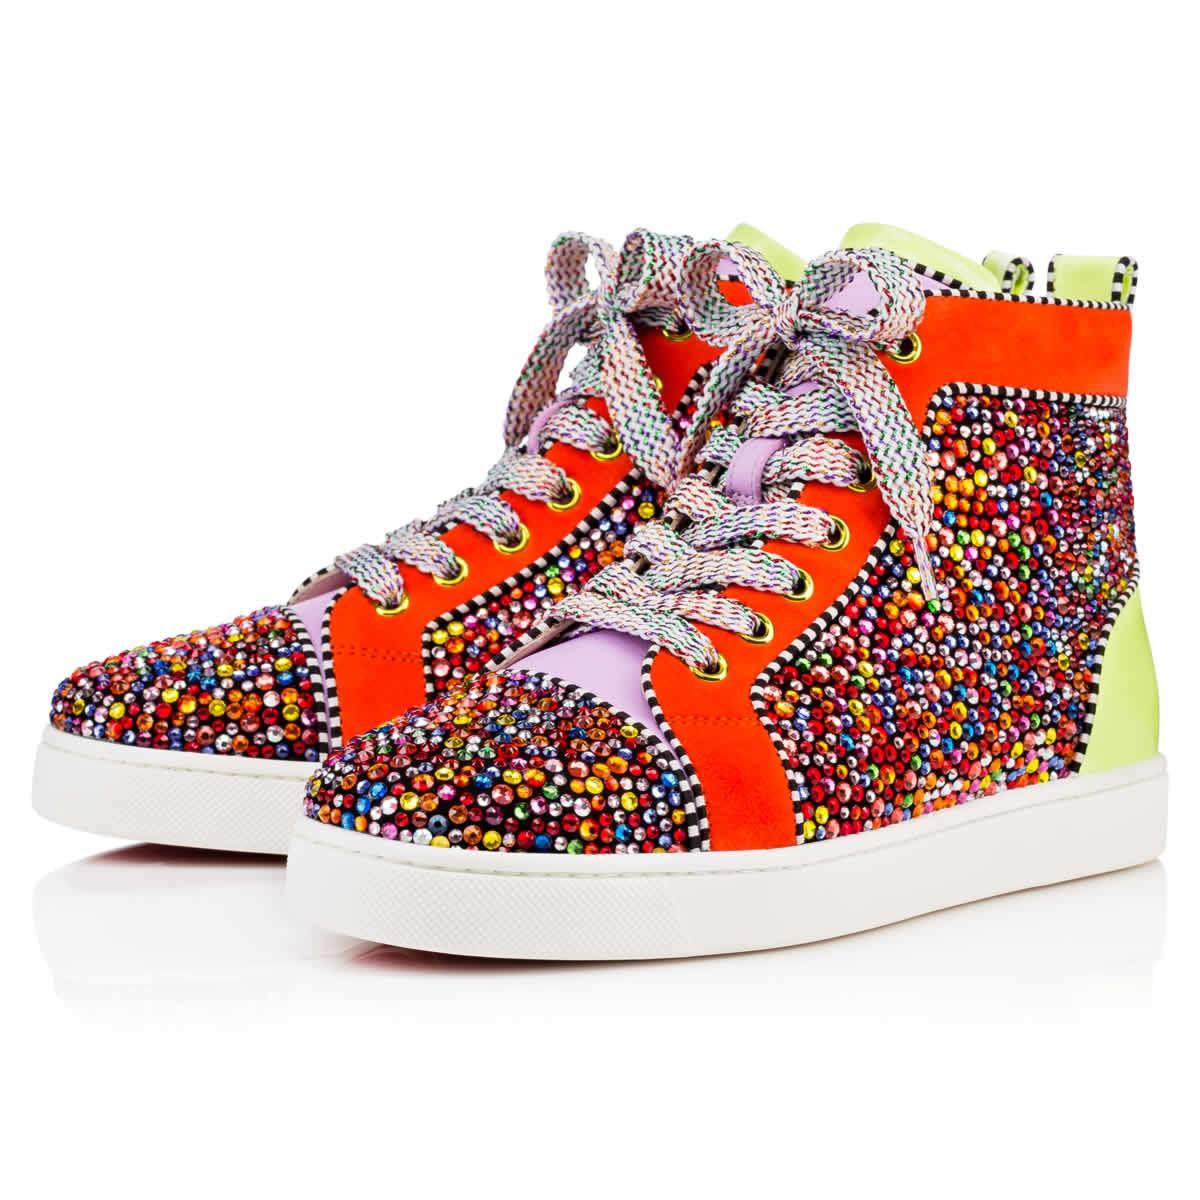 Спортивная обувь лабутены, модель Louis Women's Strass Flat